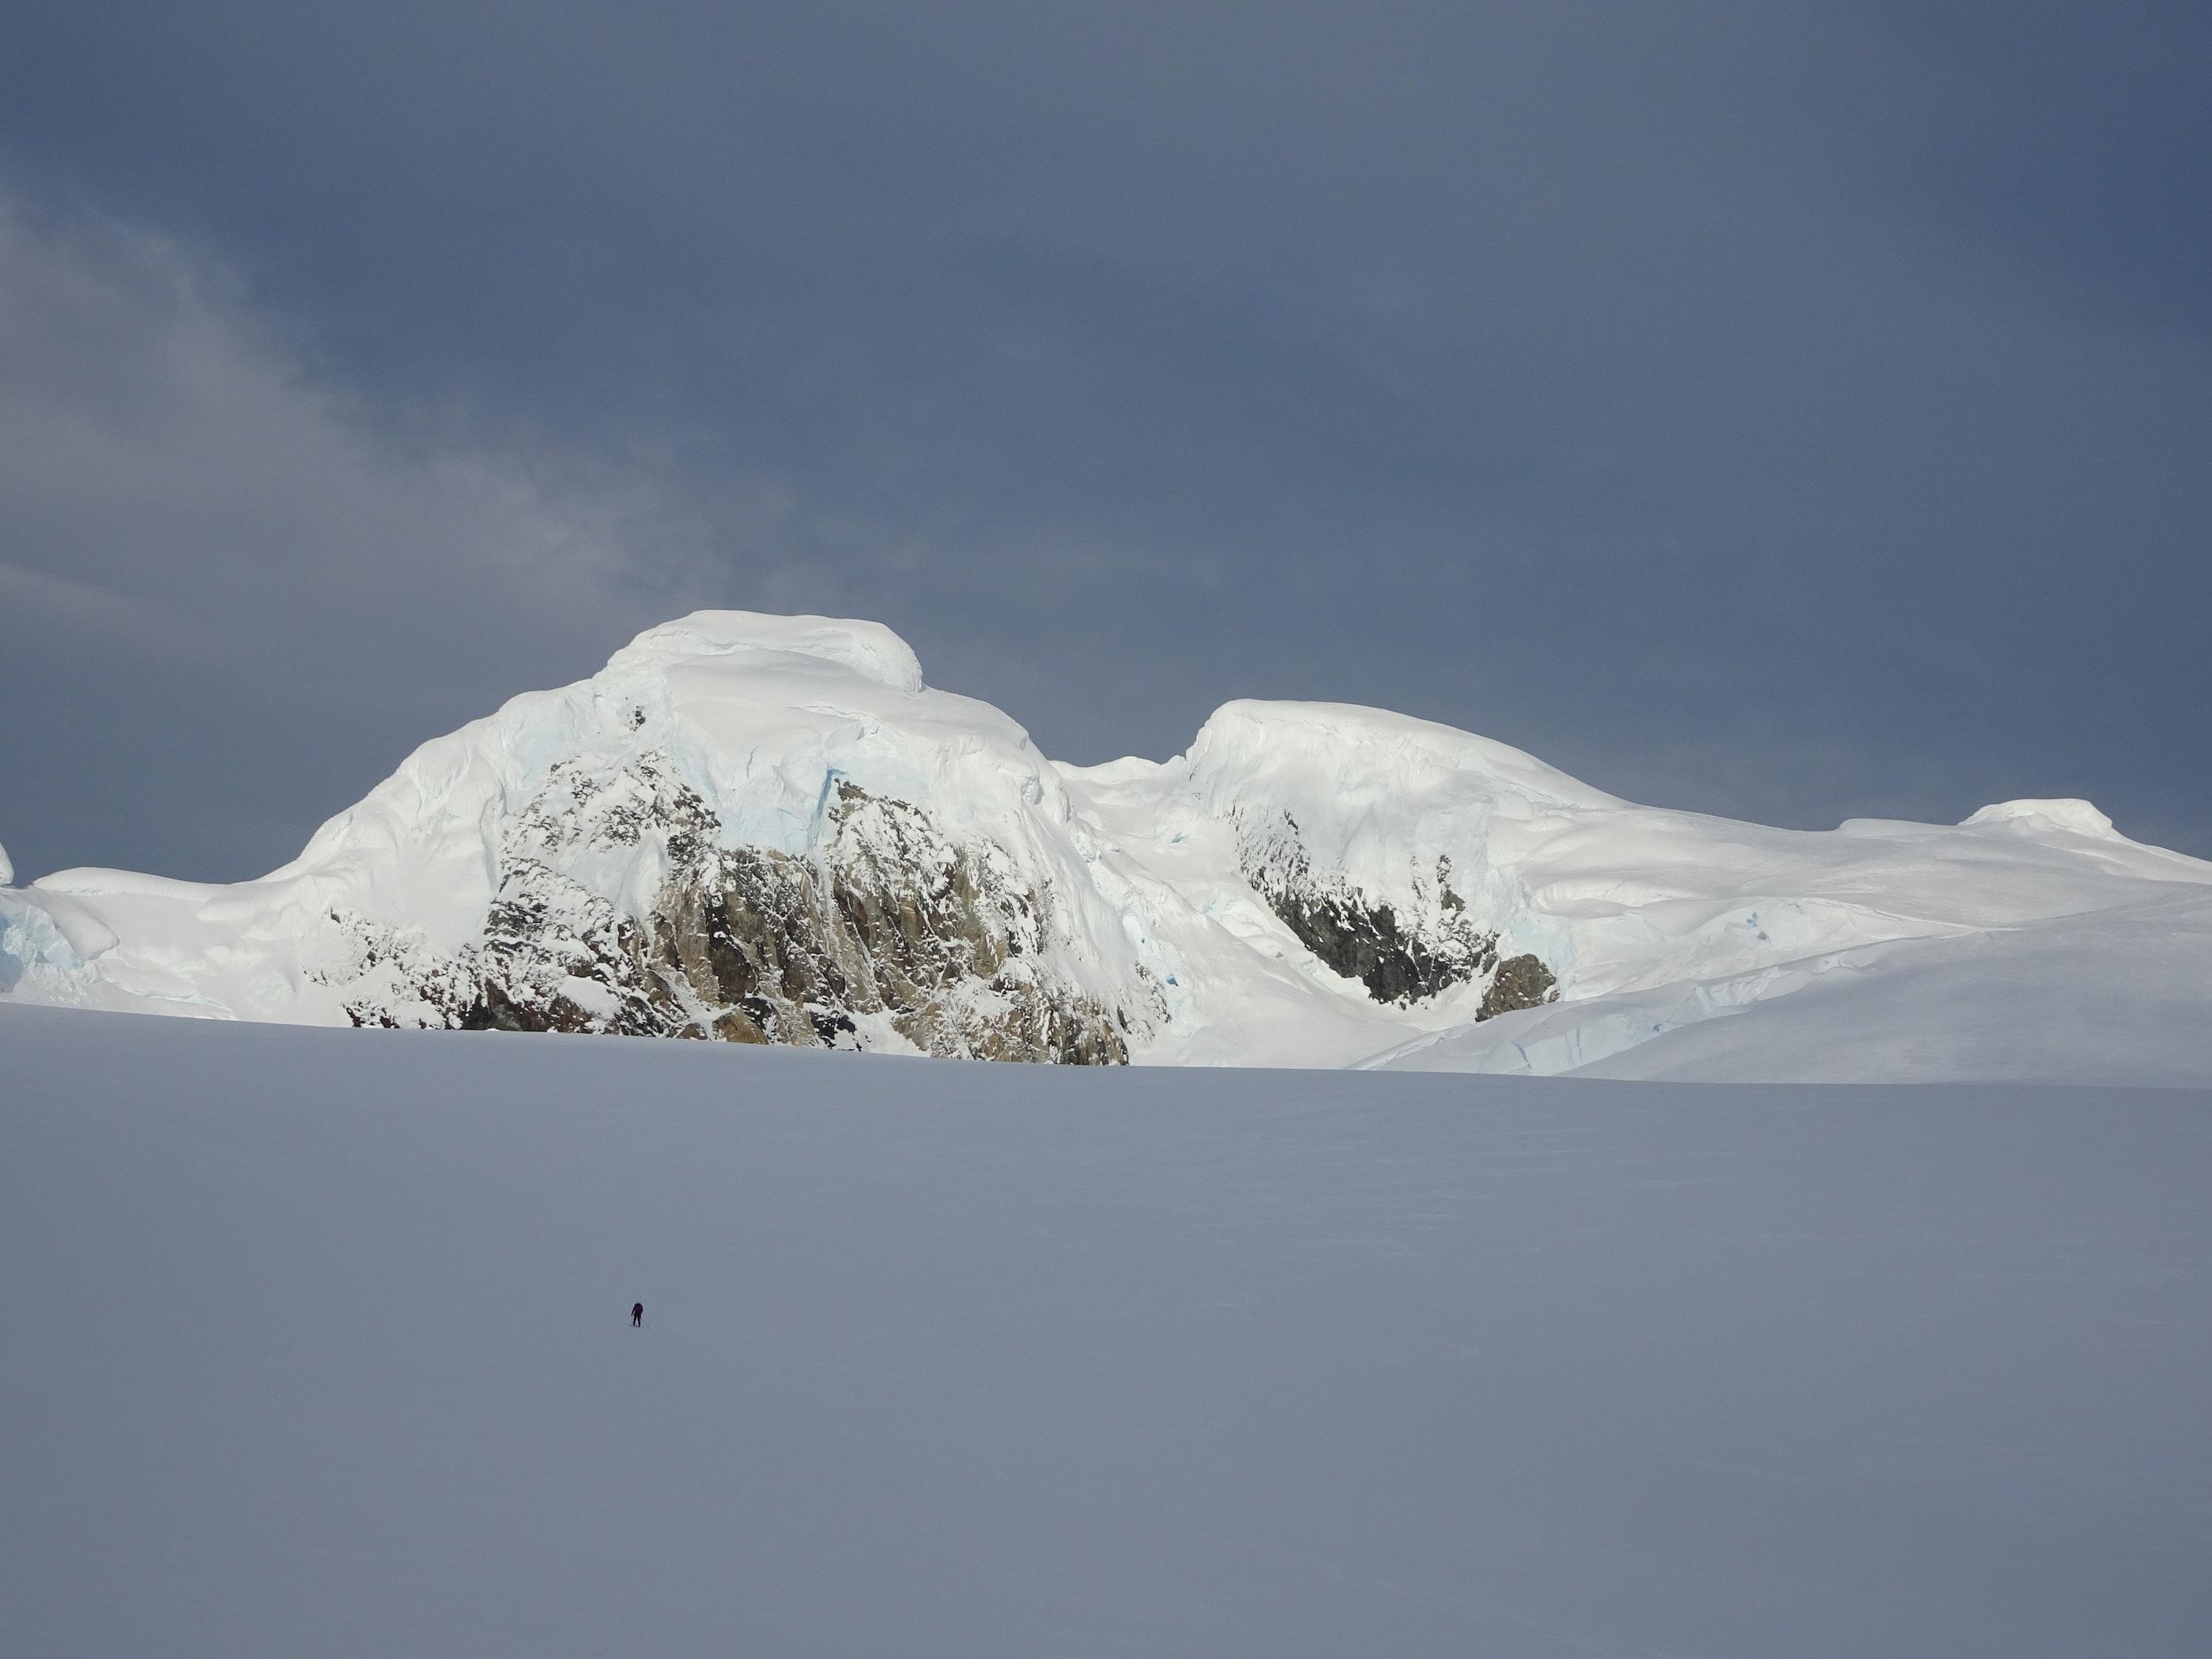 Descendiendo al campamaneto después de realizar las escaladas. El Cerro Horacio Toro de fondo. Foto: Dario Arancibia